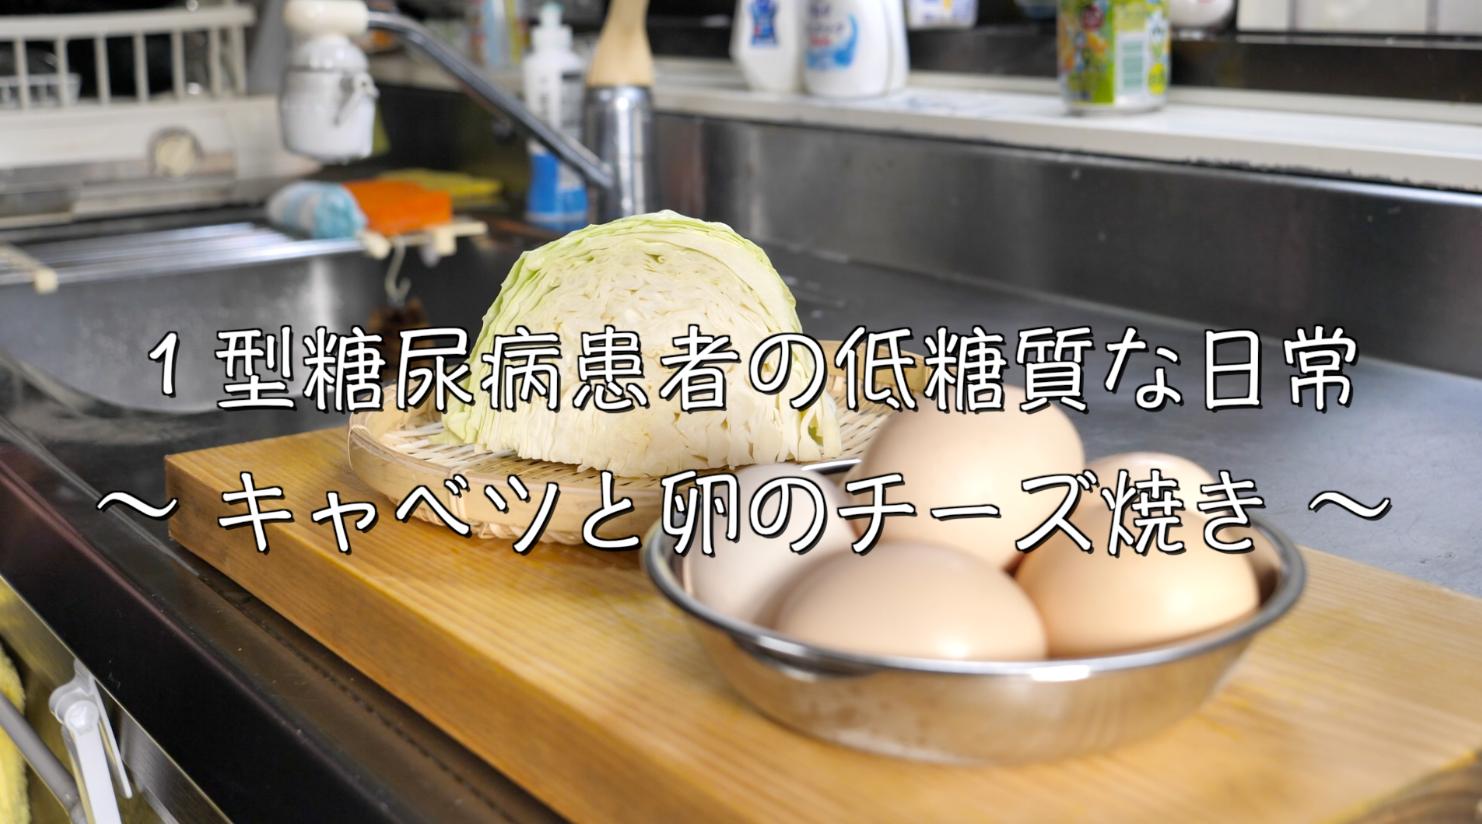 キャベツ 卵 レシピ 糖質制限